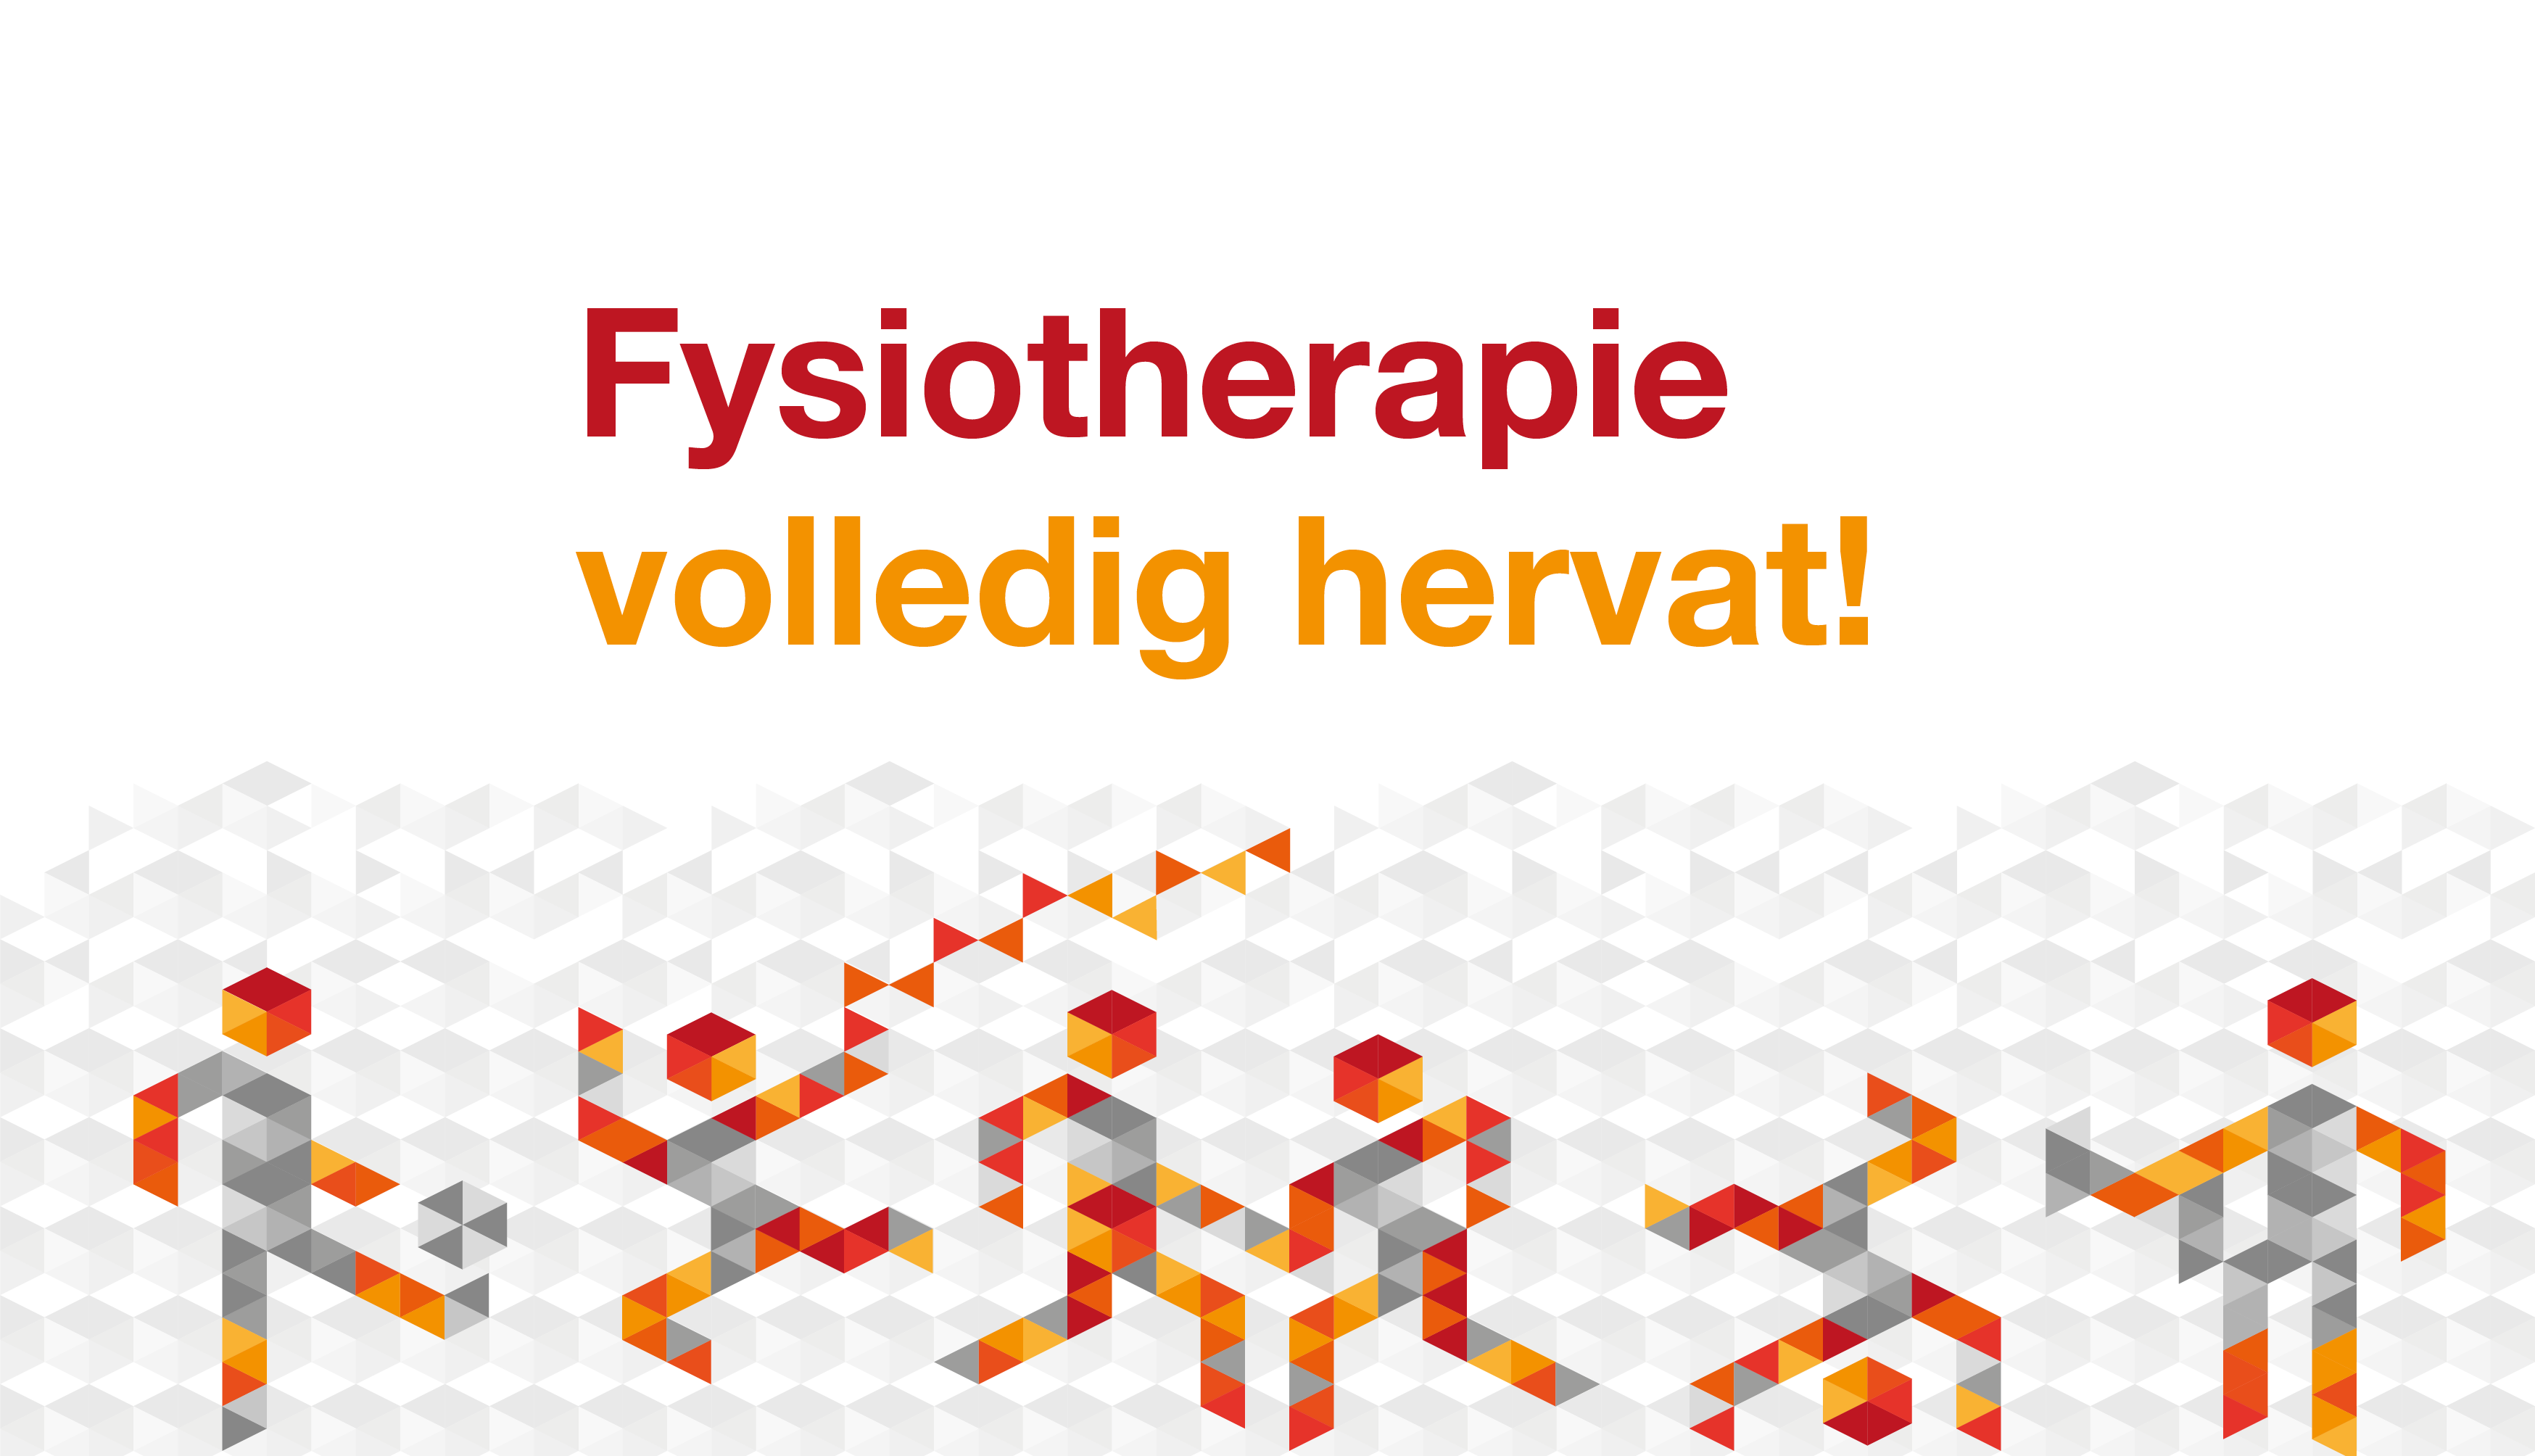 Fysiotherapie_Meerzicht_VOLLEDIG_HERVAT_Zoetermeer